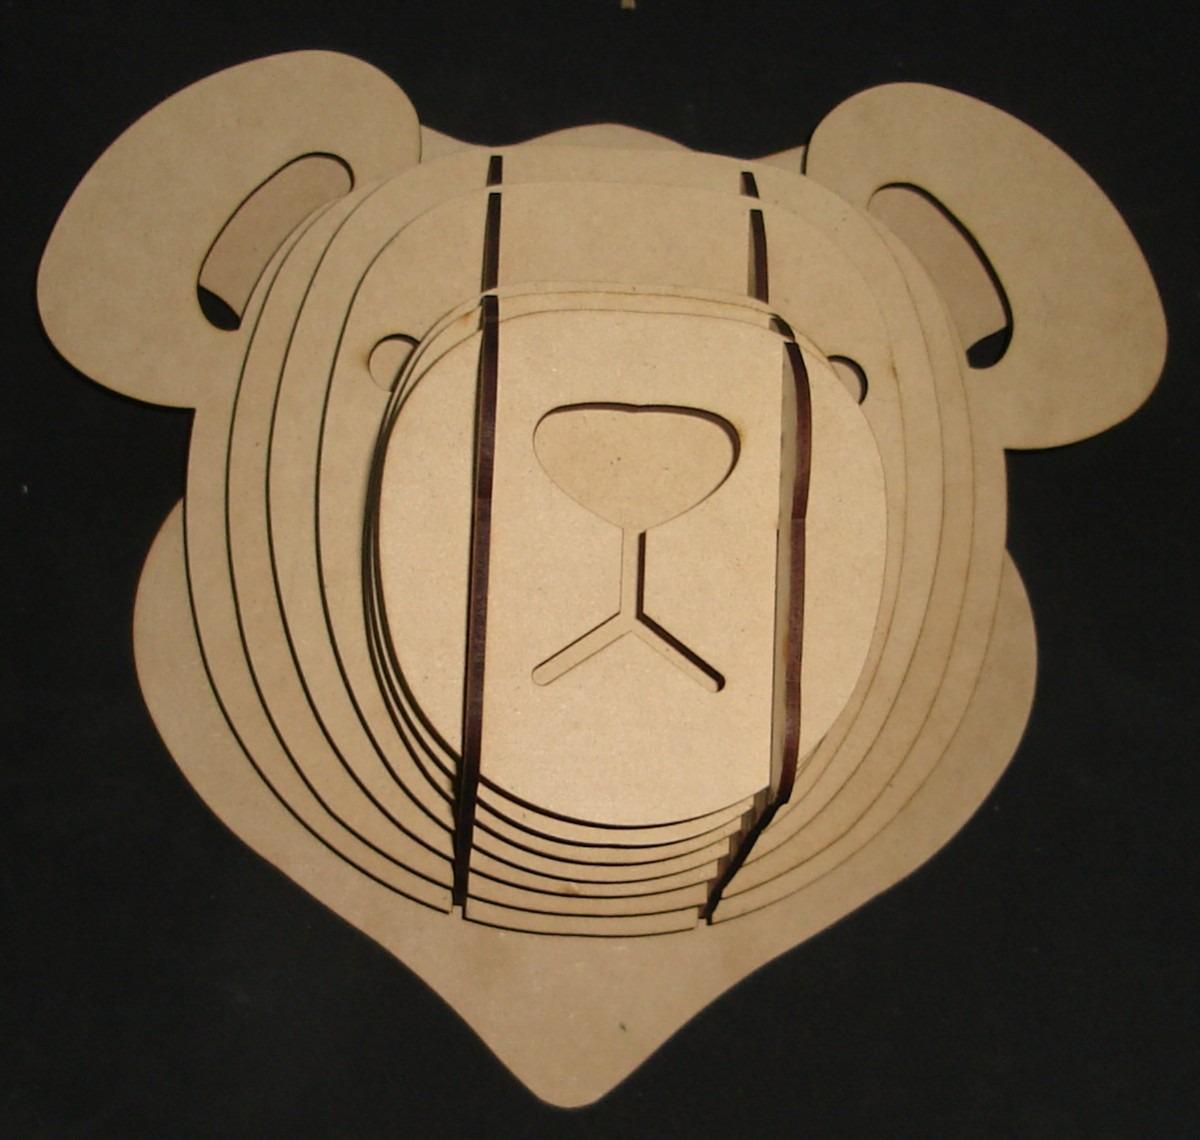 Cabeza de oso mdf cabeza de animal trofeo rompecabezas 3d - Cabezas de animales decoracion ...